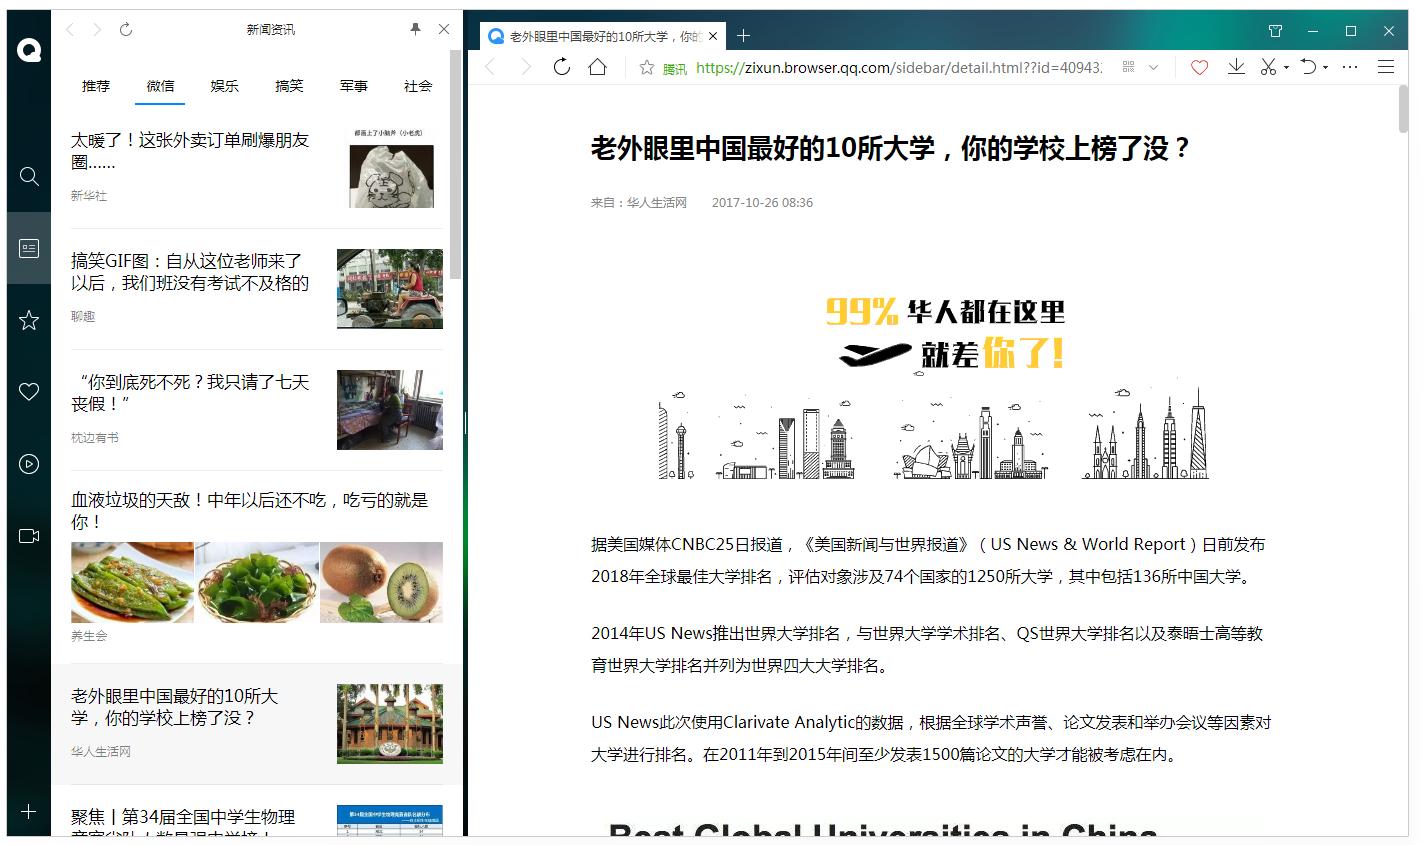 QQ浏览器10.0预览版Preview4发布